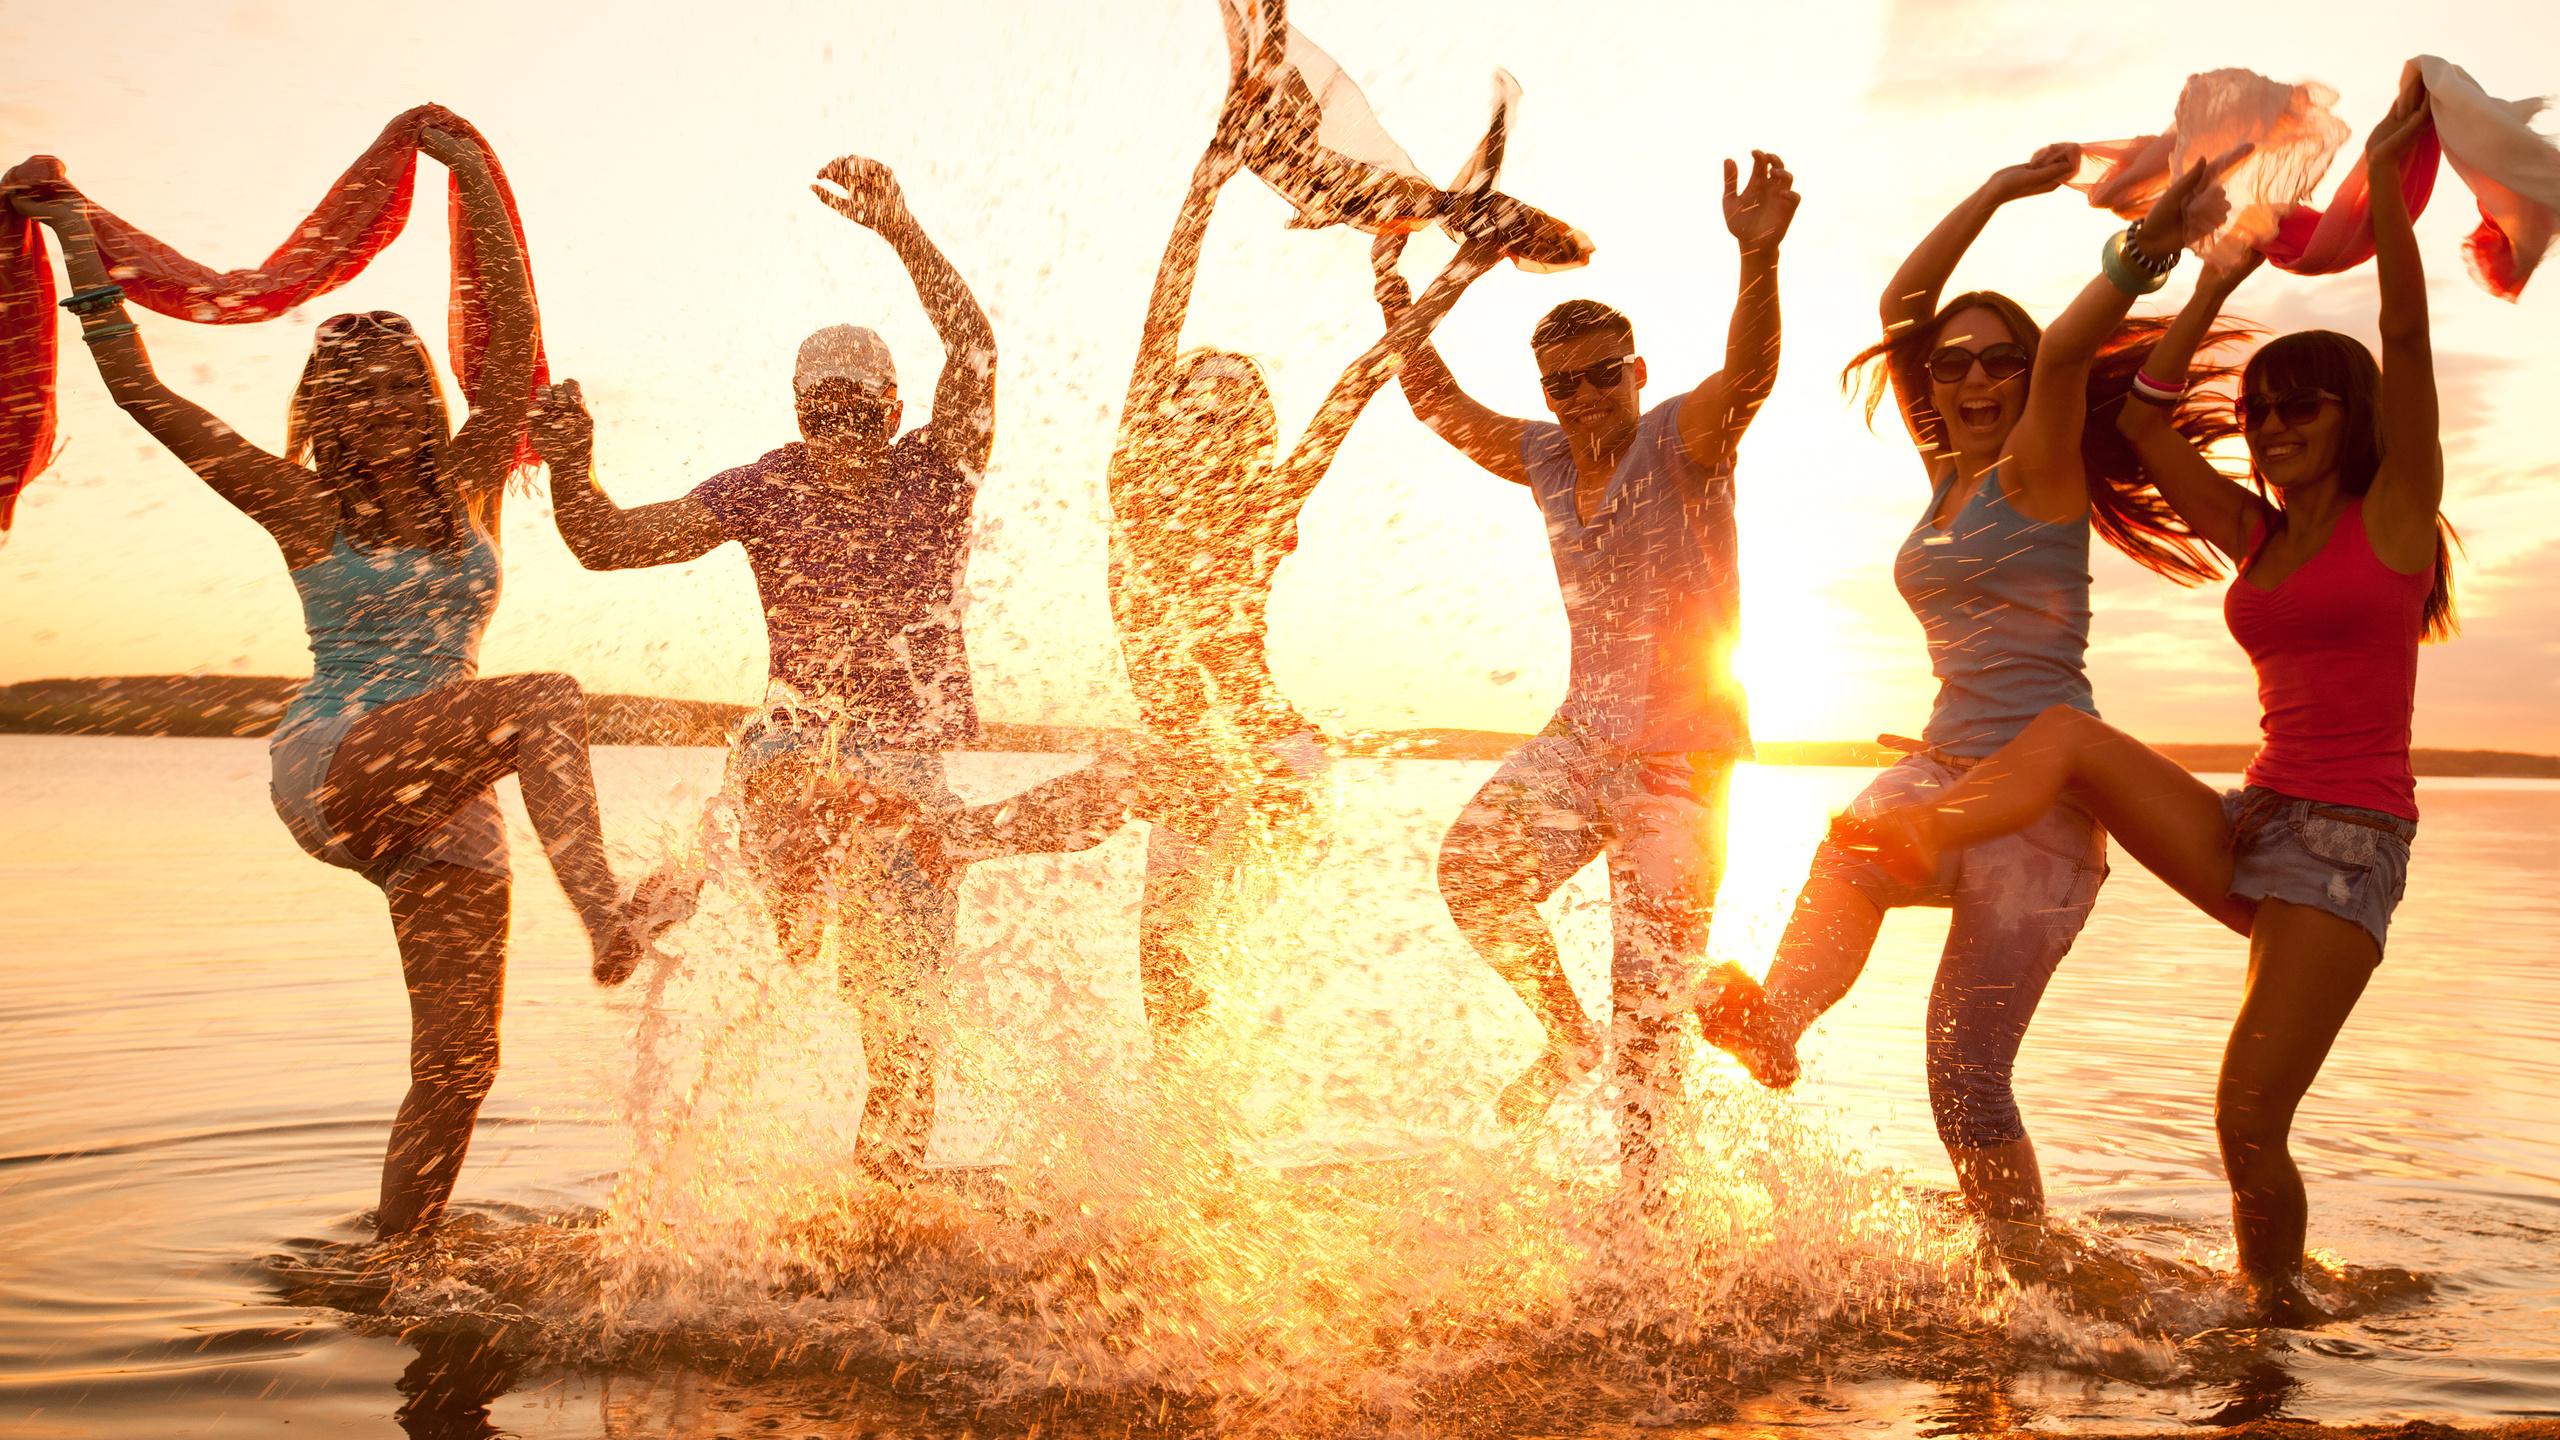 позитивные картинки про танцы цвете самой бухты